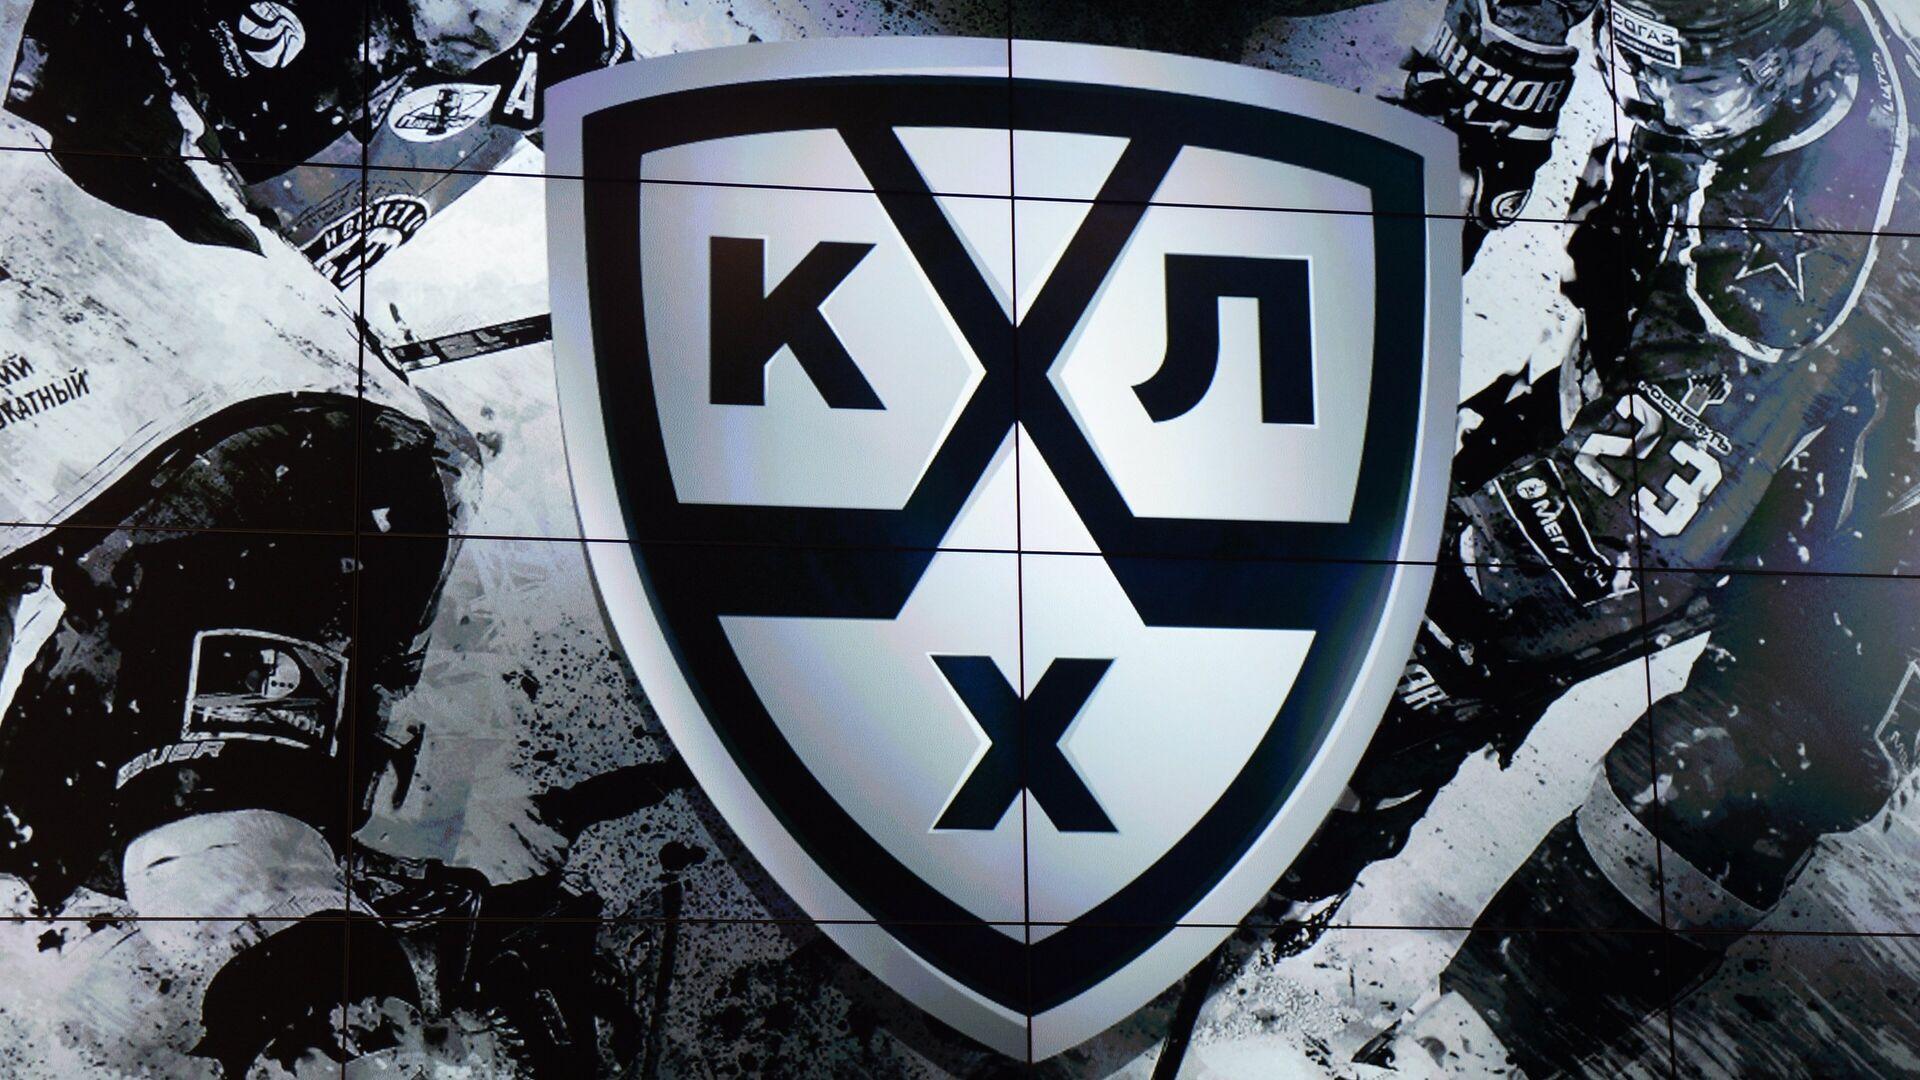 Логотип Континентальной хоккейной лиги (КХЛ) - РИА Новости, 1920, 23.09.2020